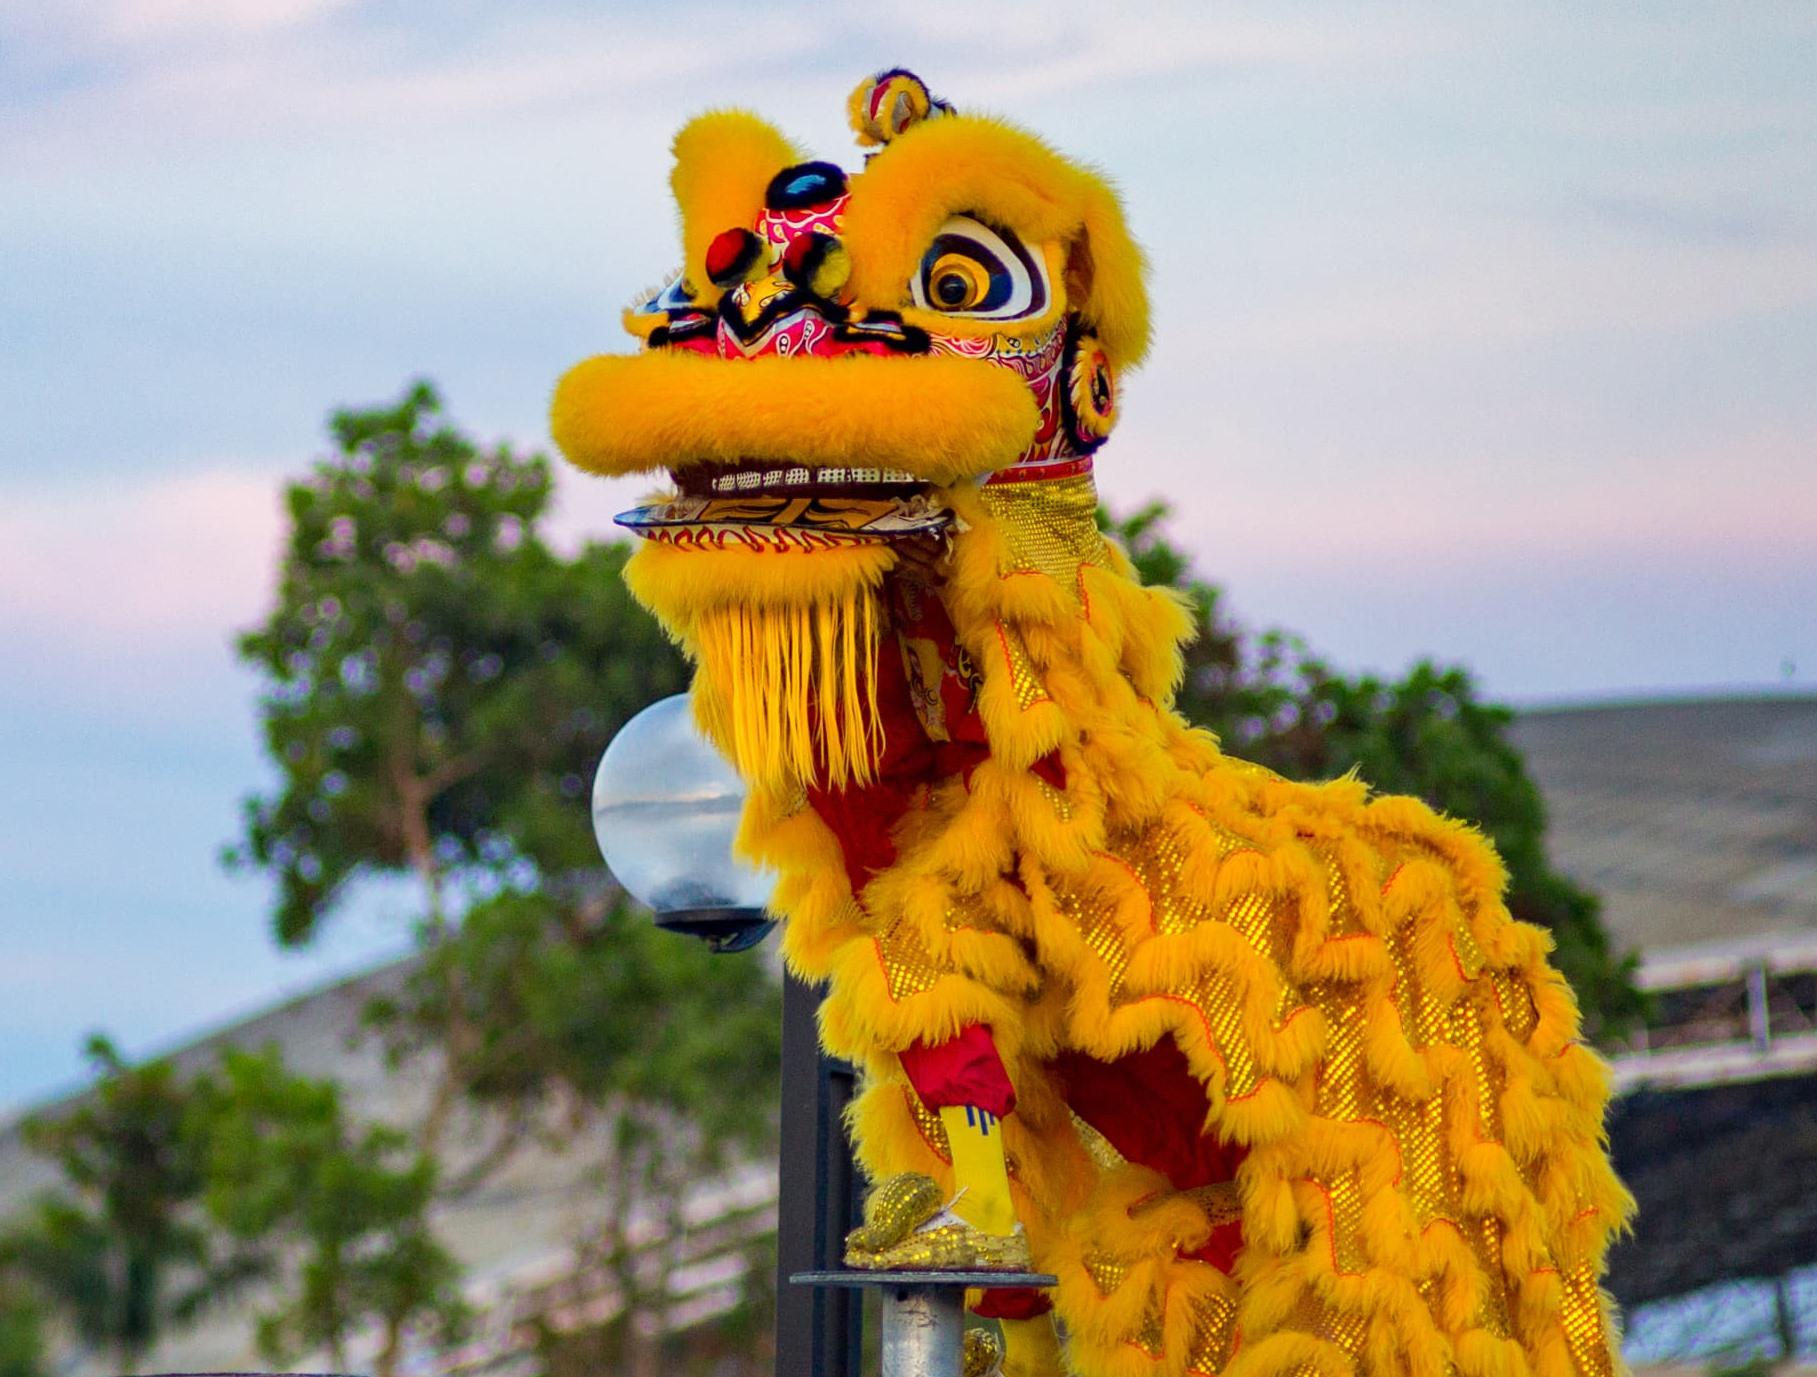 Kim Sư Phố biểu diễn trên Mai Hoa Thung. Ảnh: Thành Tây